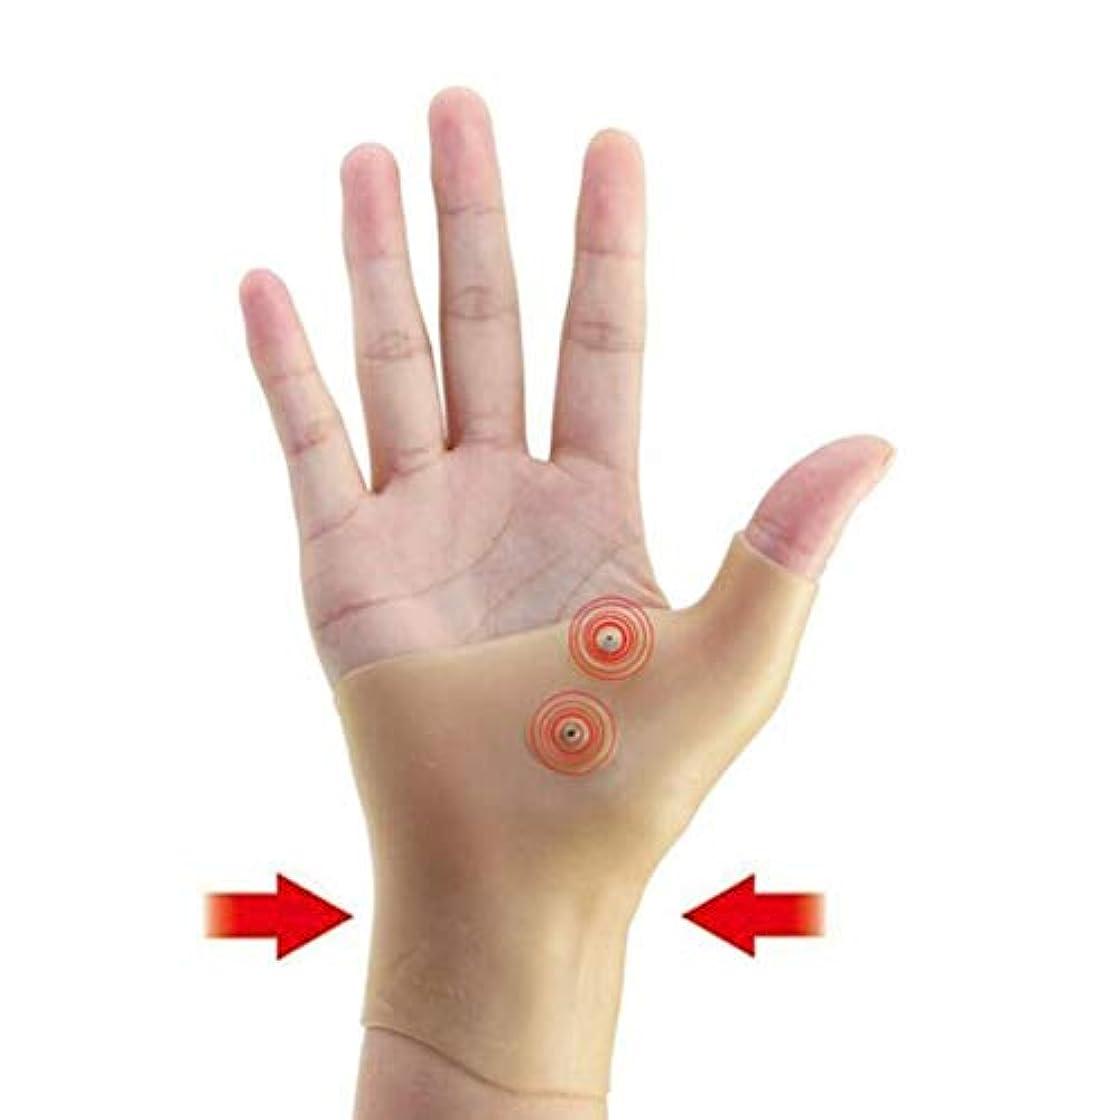 ポルノ無駄に砂漠磁気療法手首手親指サポート手袋シリコーンゲル関節炎圧力矯正器マッサージ痛み緩和手袋 - 肌の色